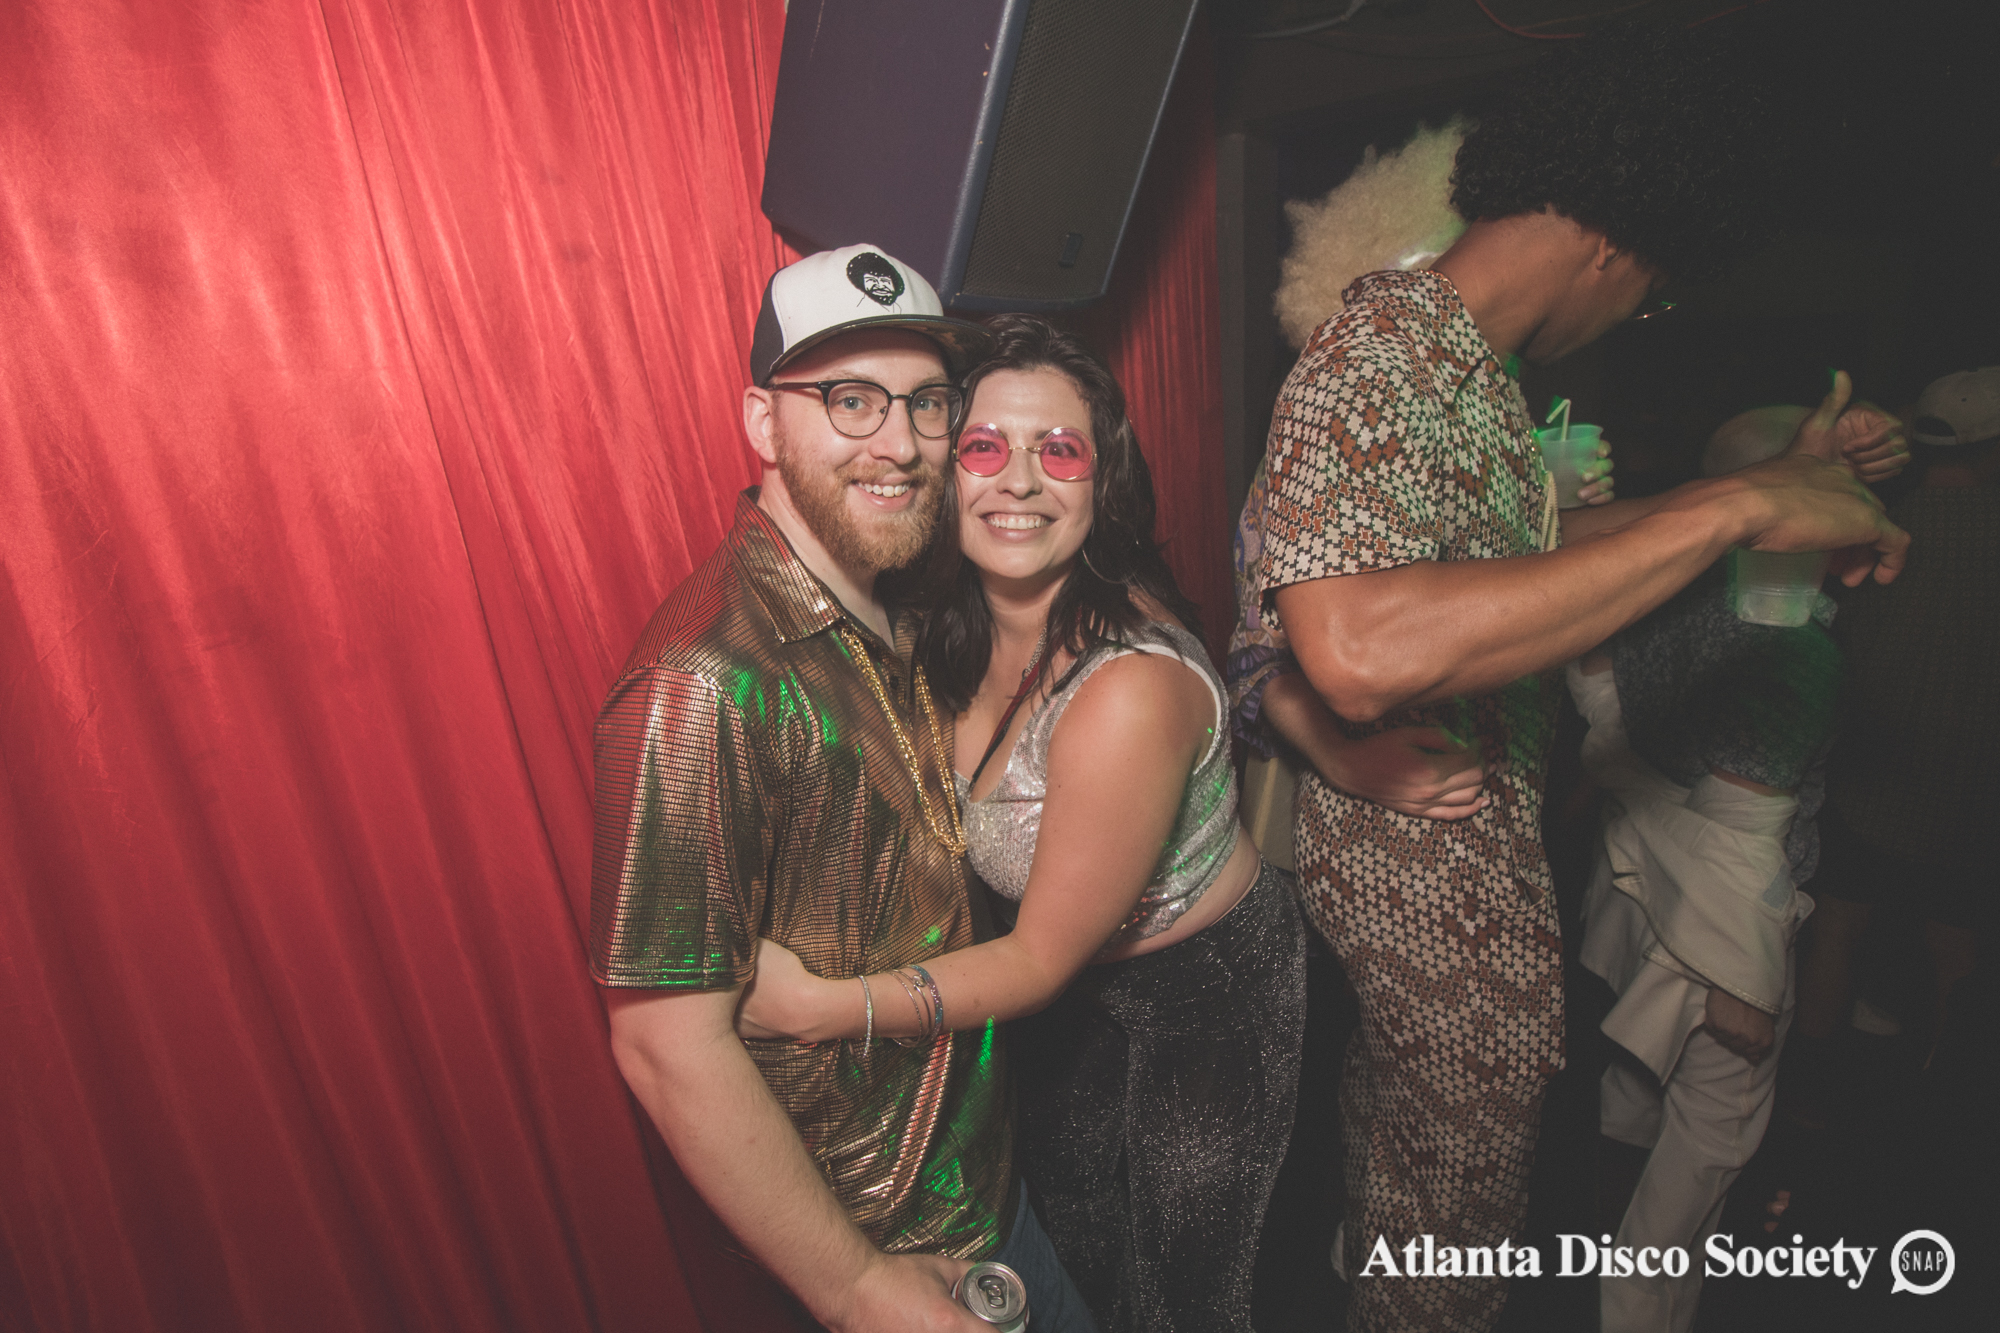 7Atlanta Disco Society Grace Kelly Oh Snap Kid 7.27.19.jpg